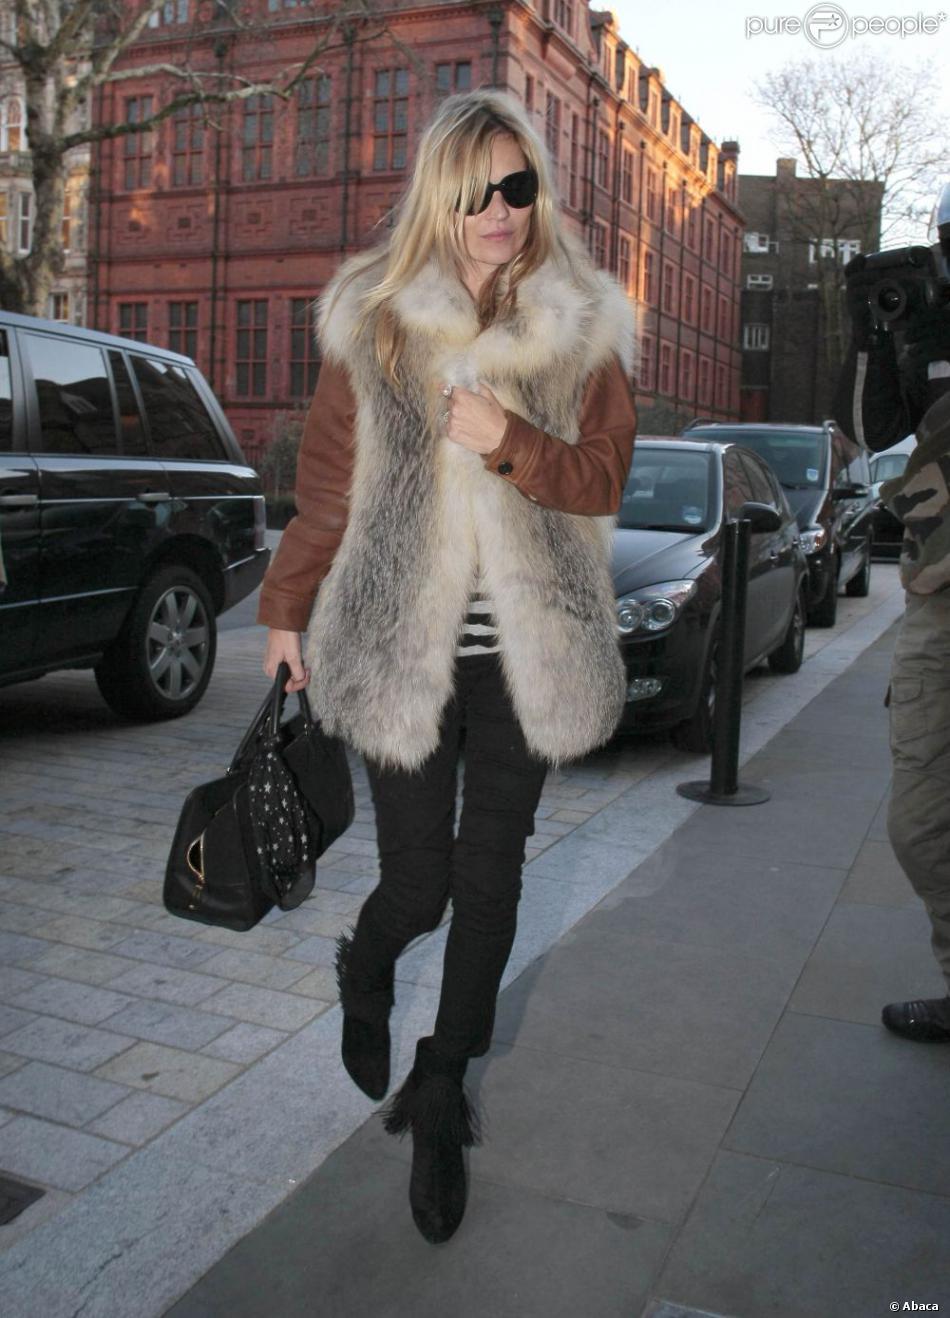 Kate Moss à Londres, lutte contre la fraîcheur ambiante grâce à une veste en fourrure, un slim noir et des bottines Christian Louboutin. Le 2 février 2012.